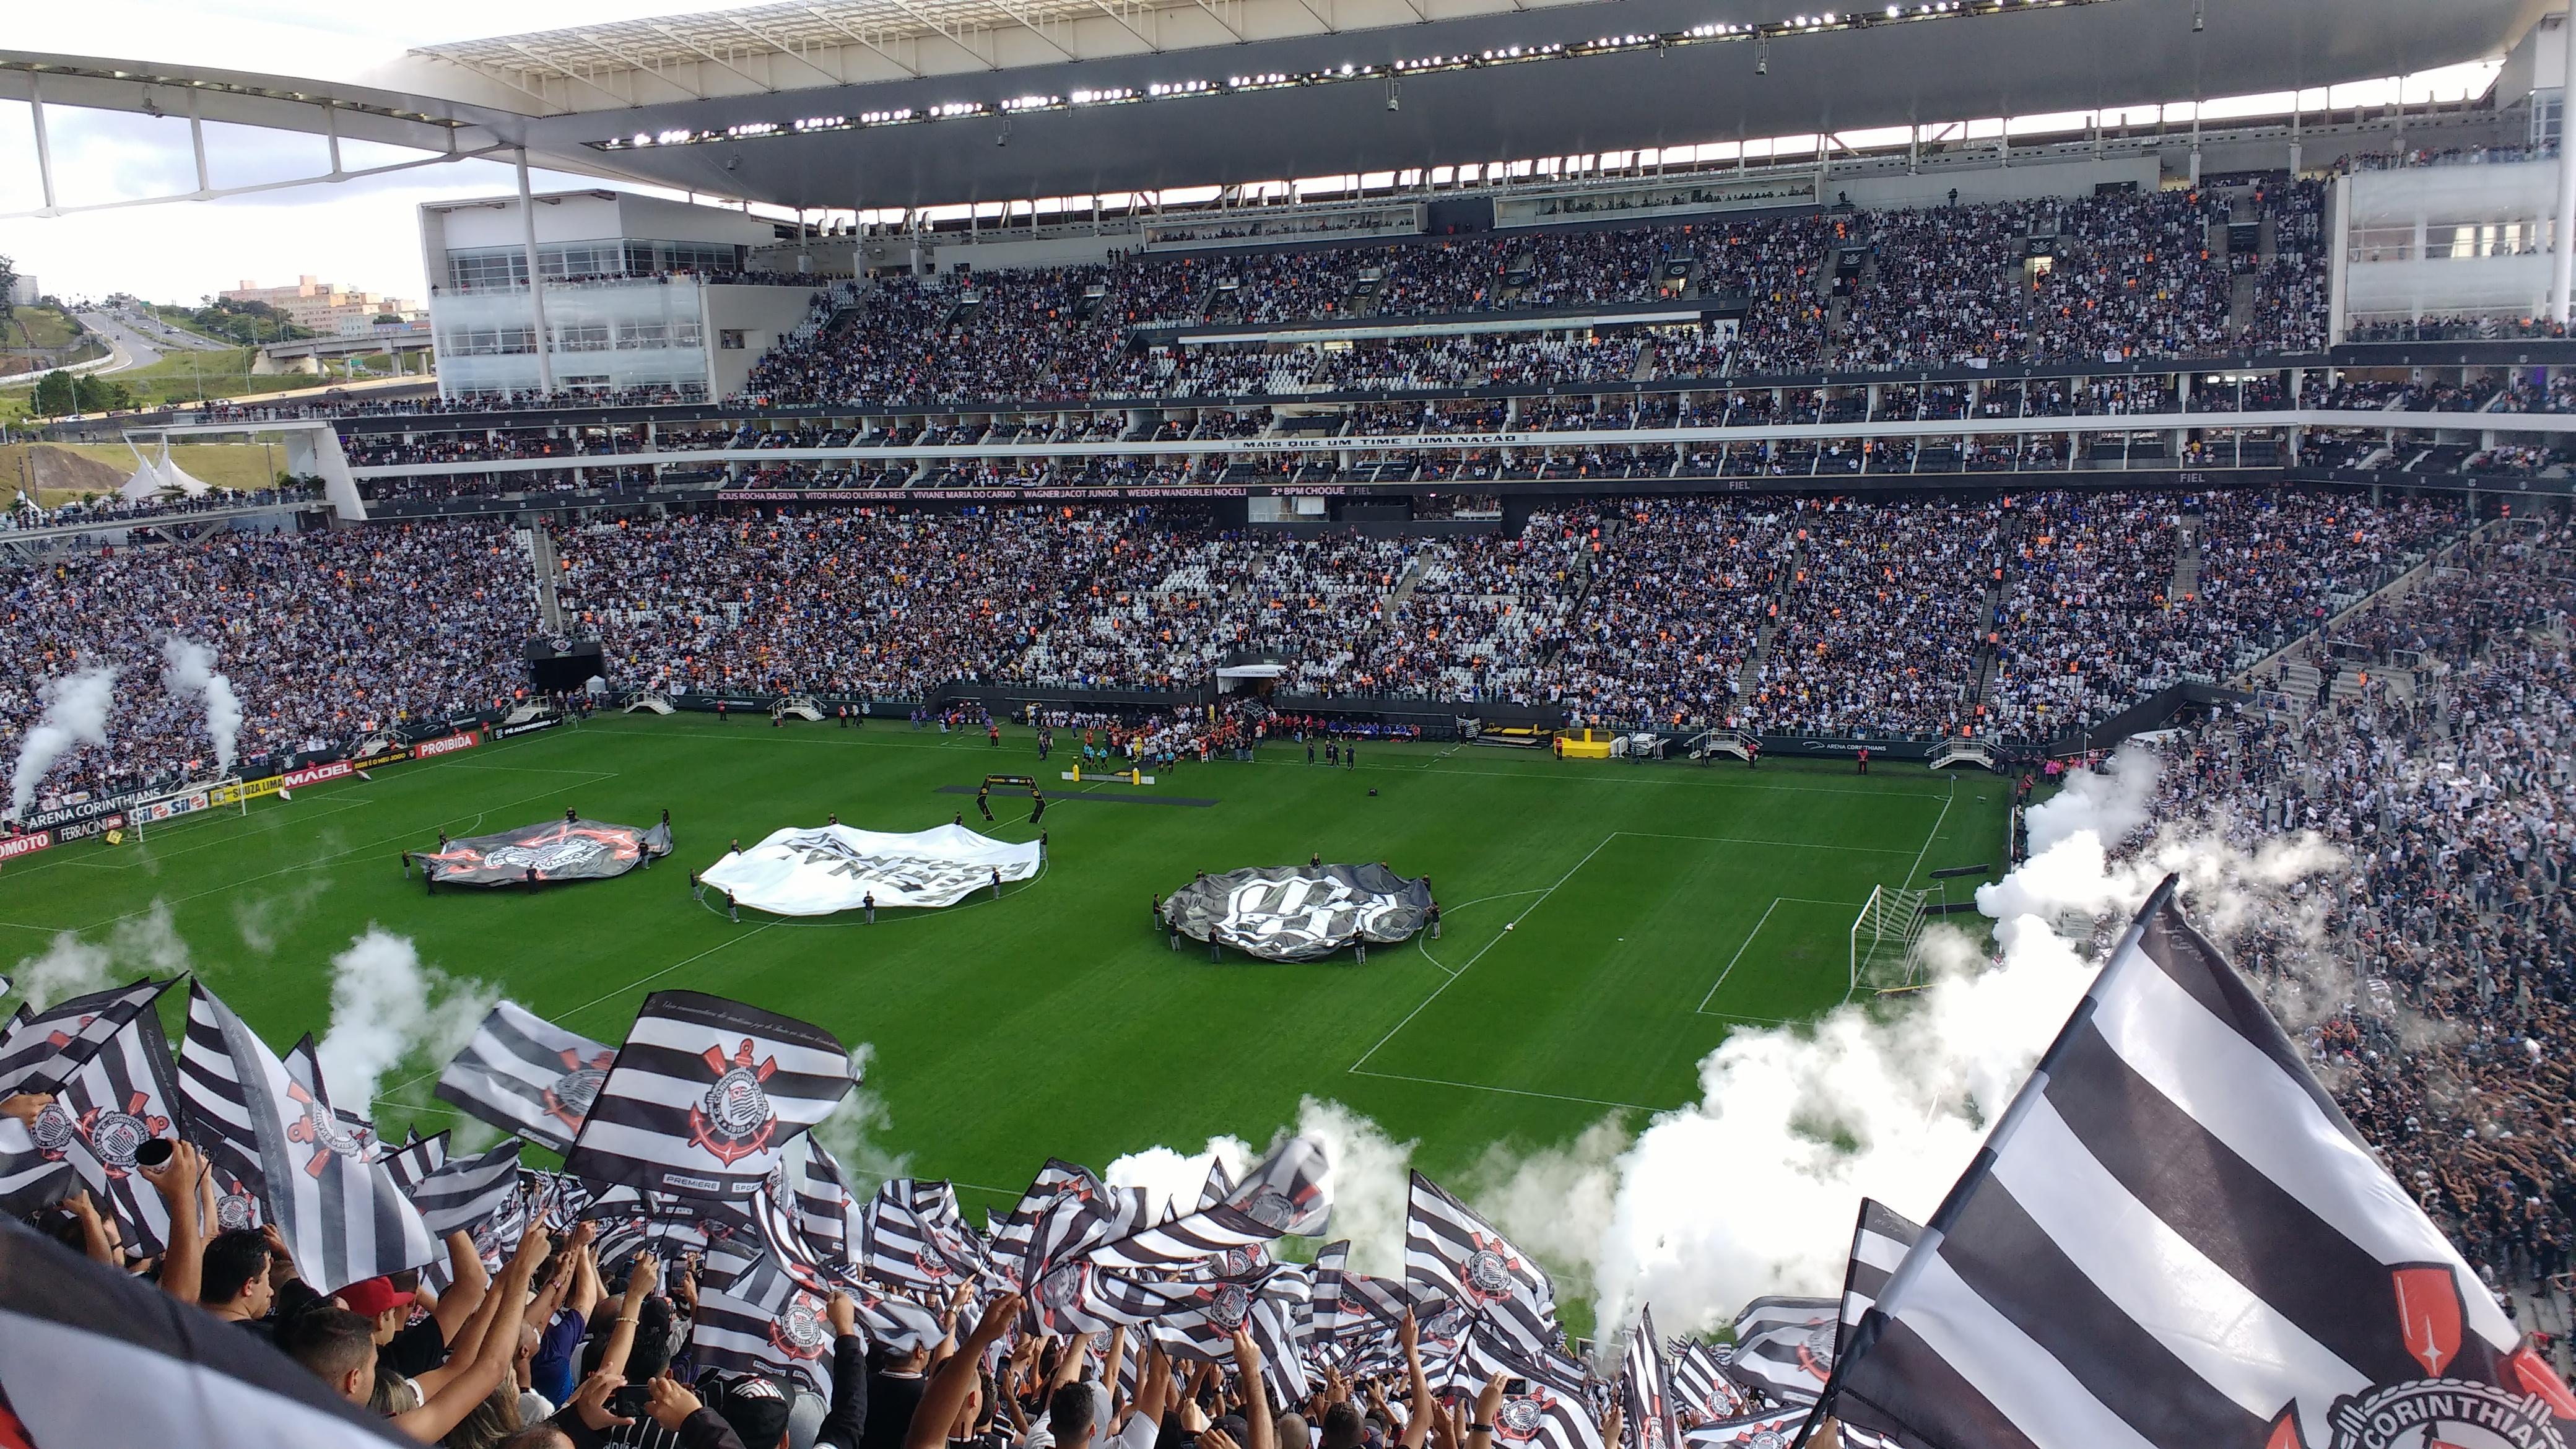 Confrontos entre Corinthians e Fluminense no futebol – Wikipédia da6107c74146f